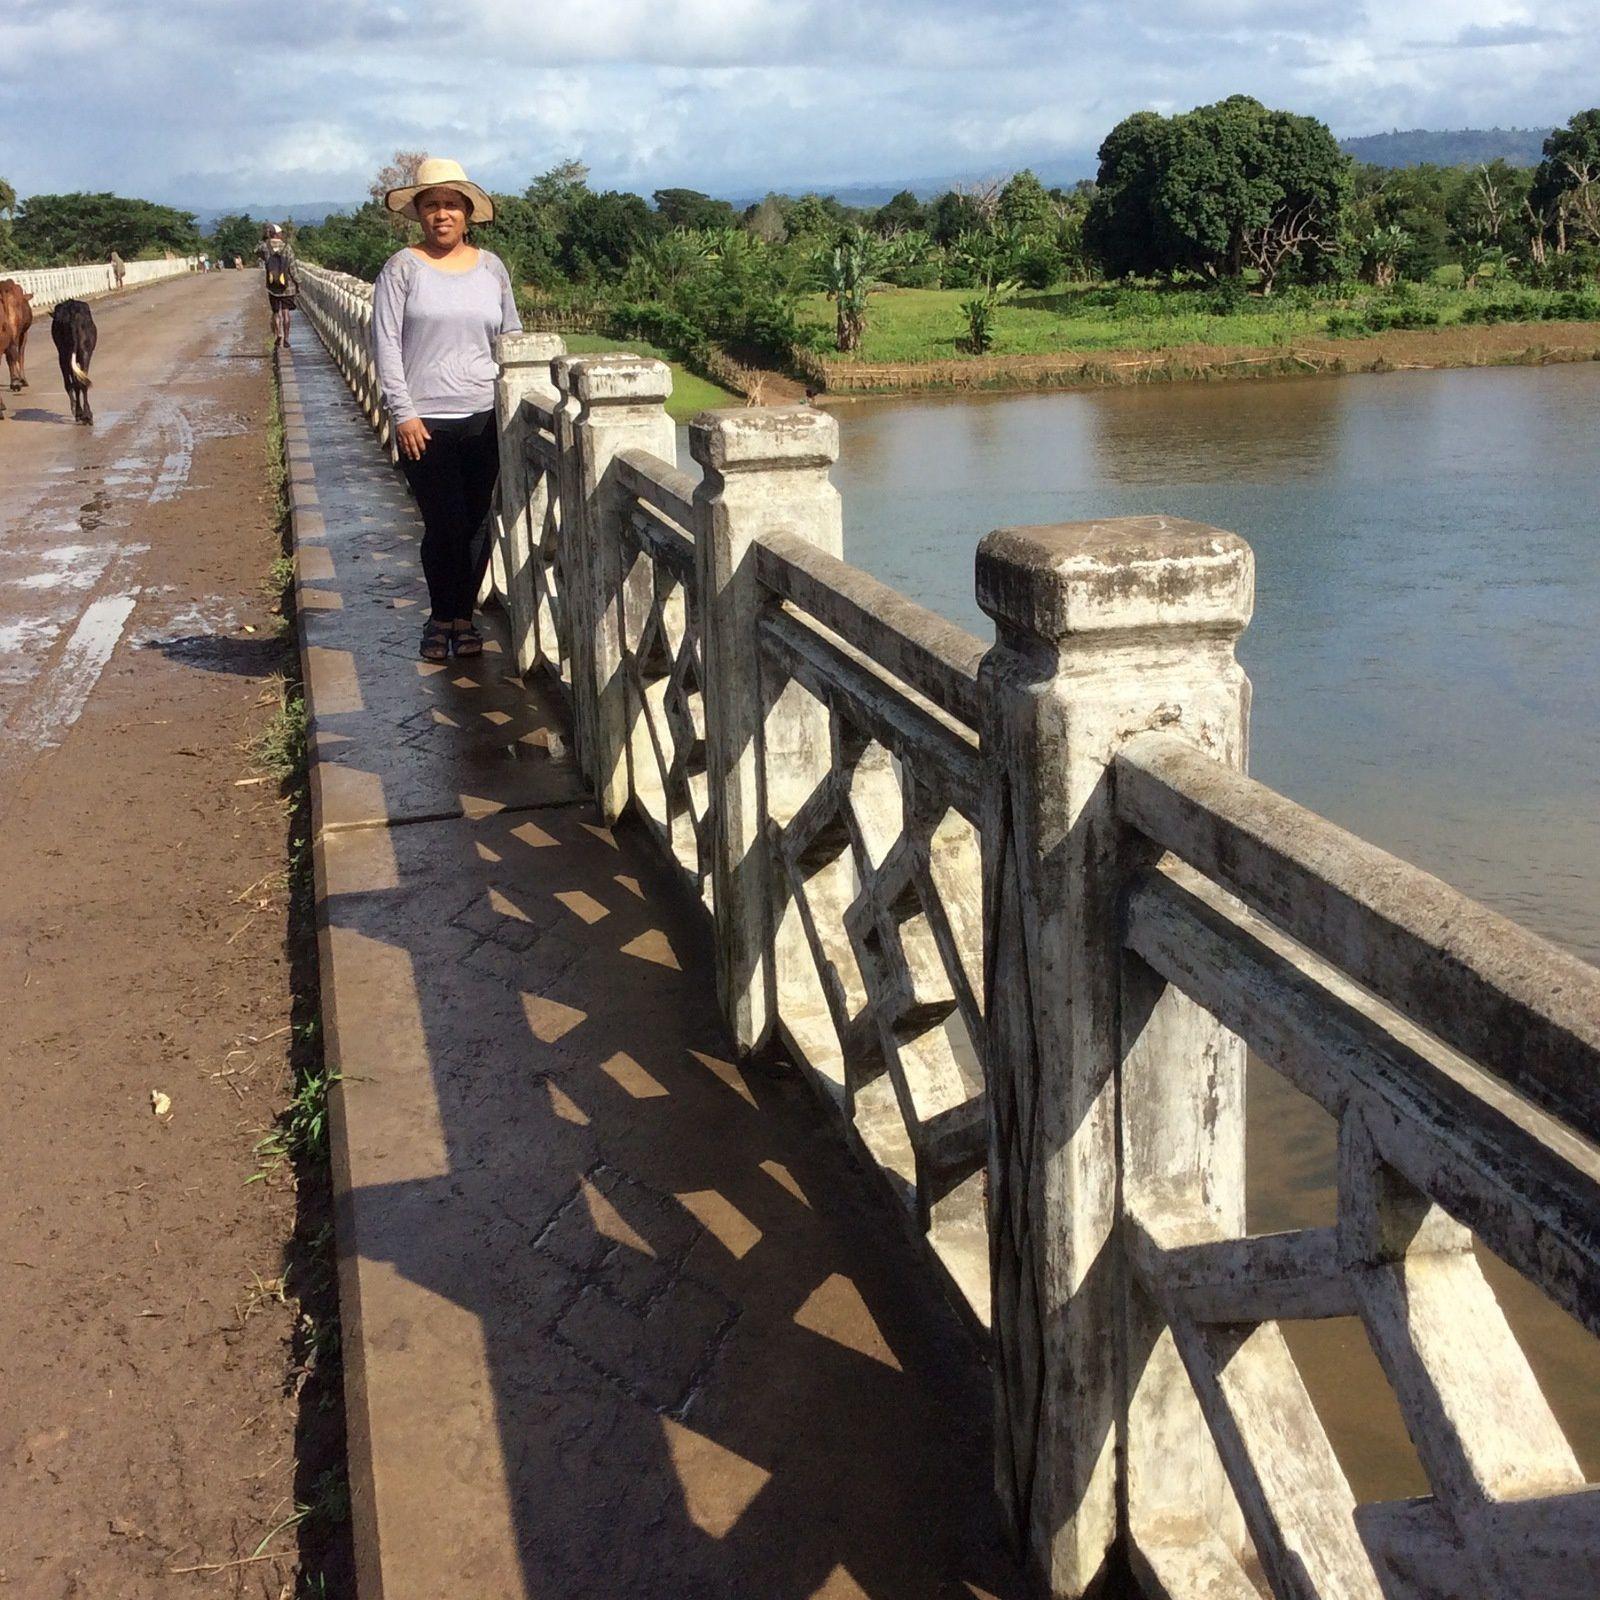 si vous descendez un jour sur la Cote d'Azur Malagasy vous allez voir une bonne dizaine de beaux ponts comme celui la . .